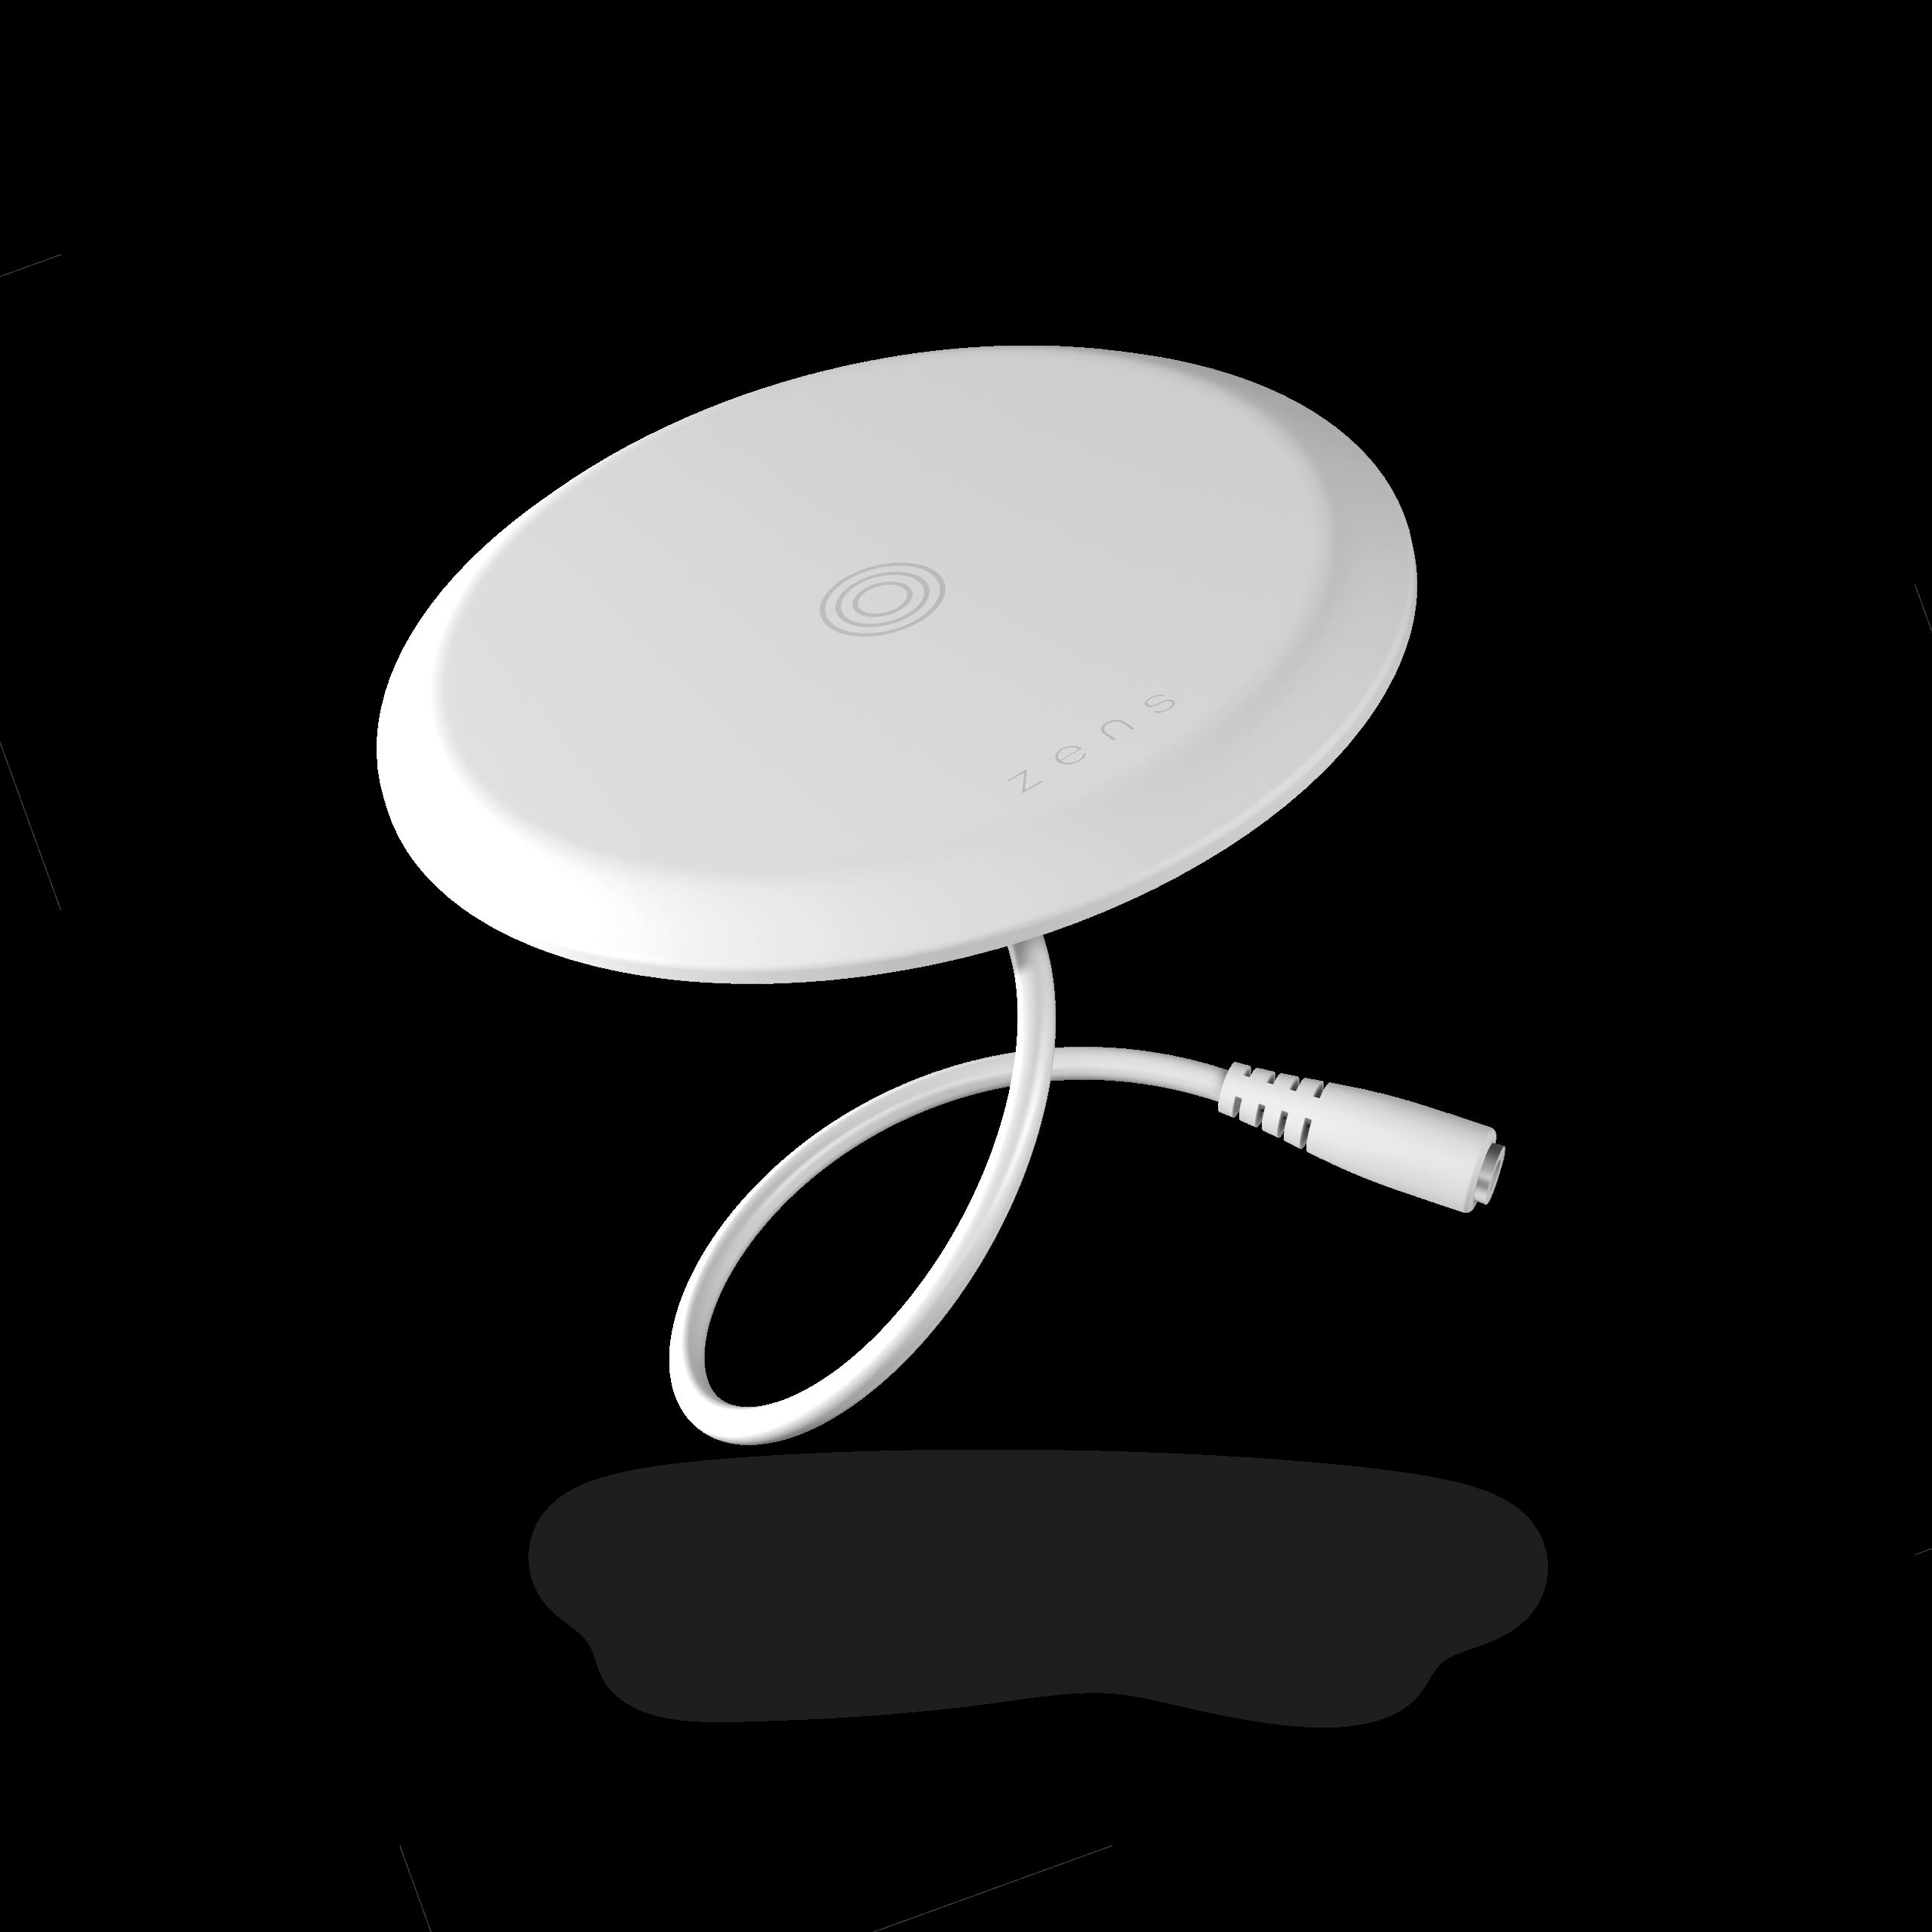 ZEBI03W - Zens Built-in Wireless Charger